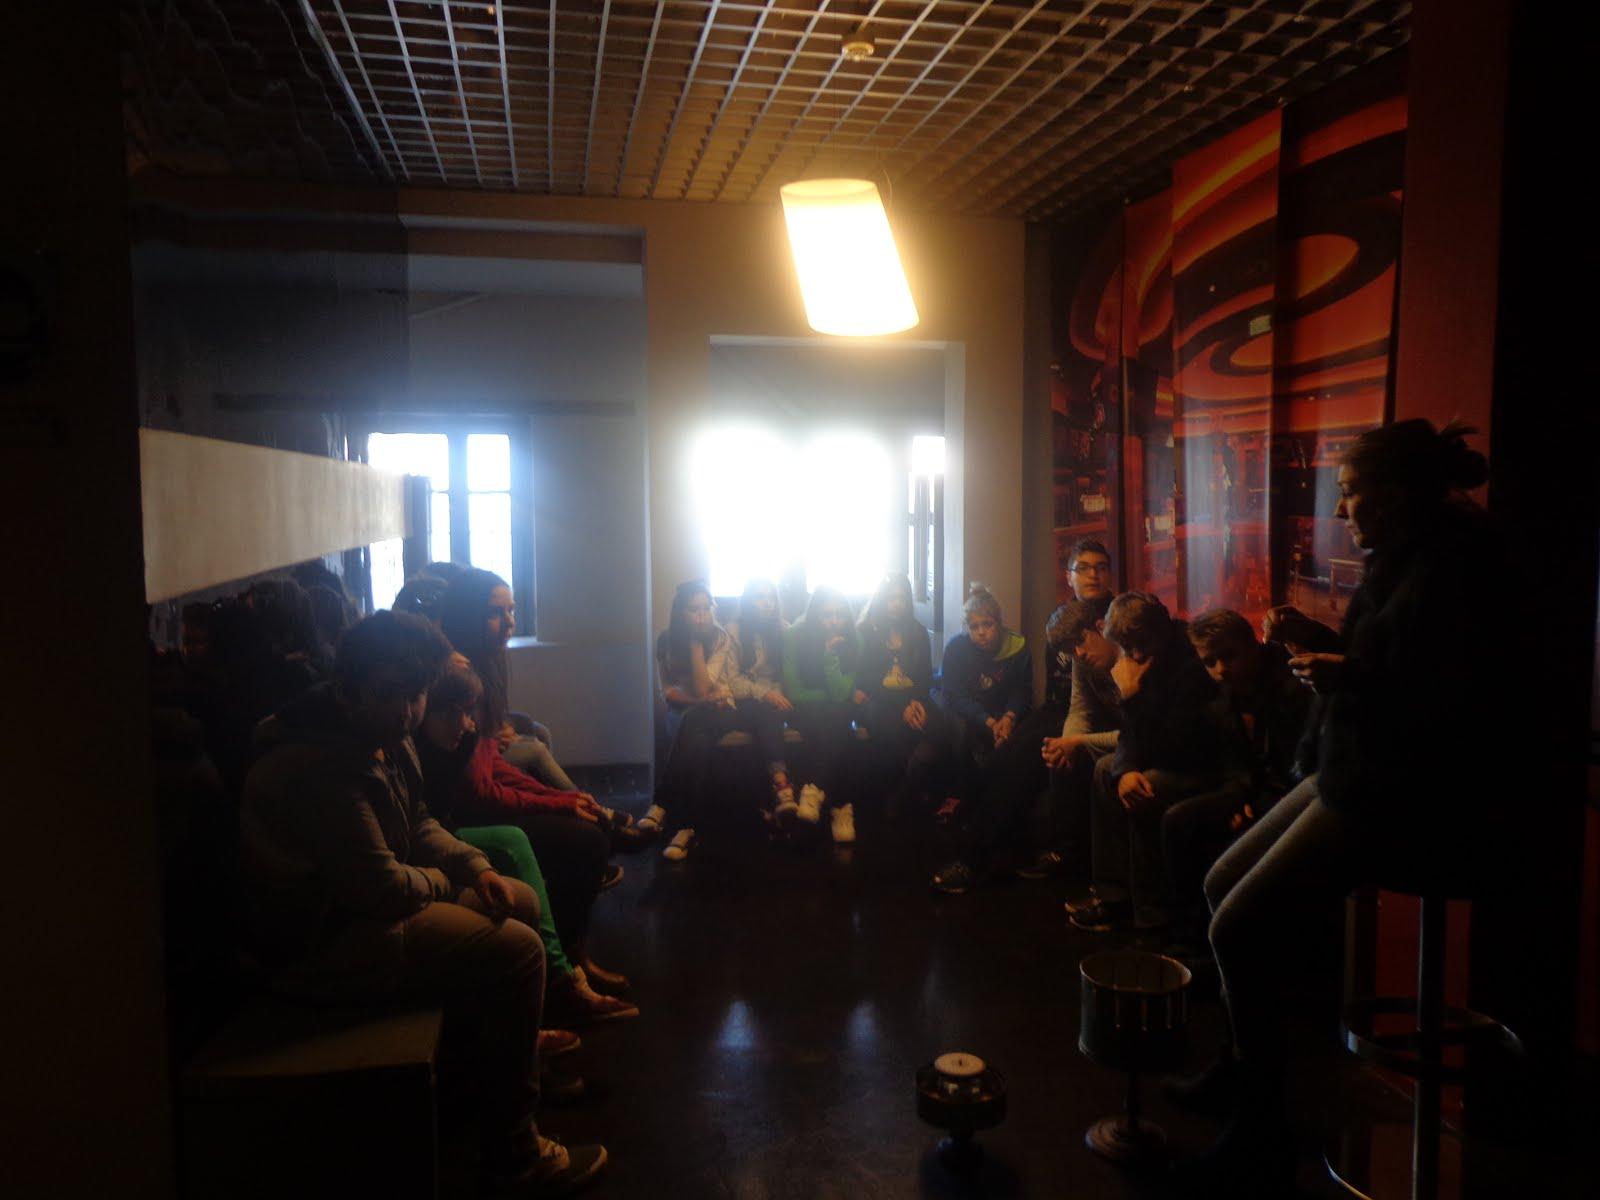 Μουσείο Κινηματογράφου Θεσσαλονίκης -25 Φεβρουαρίου 2014